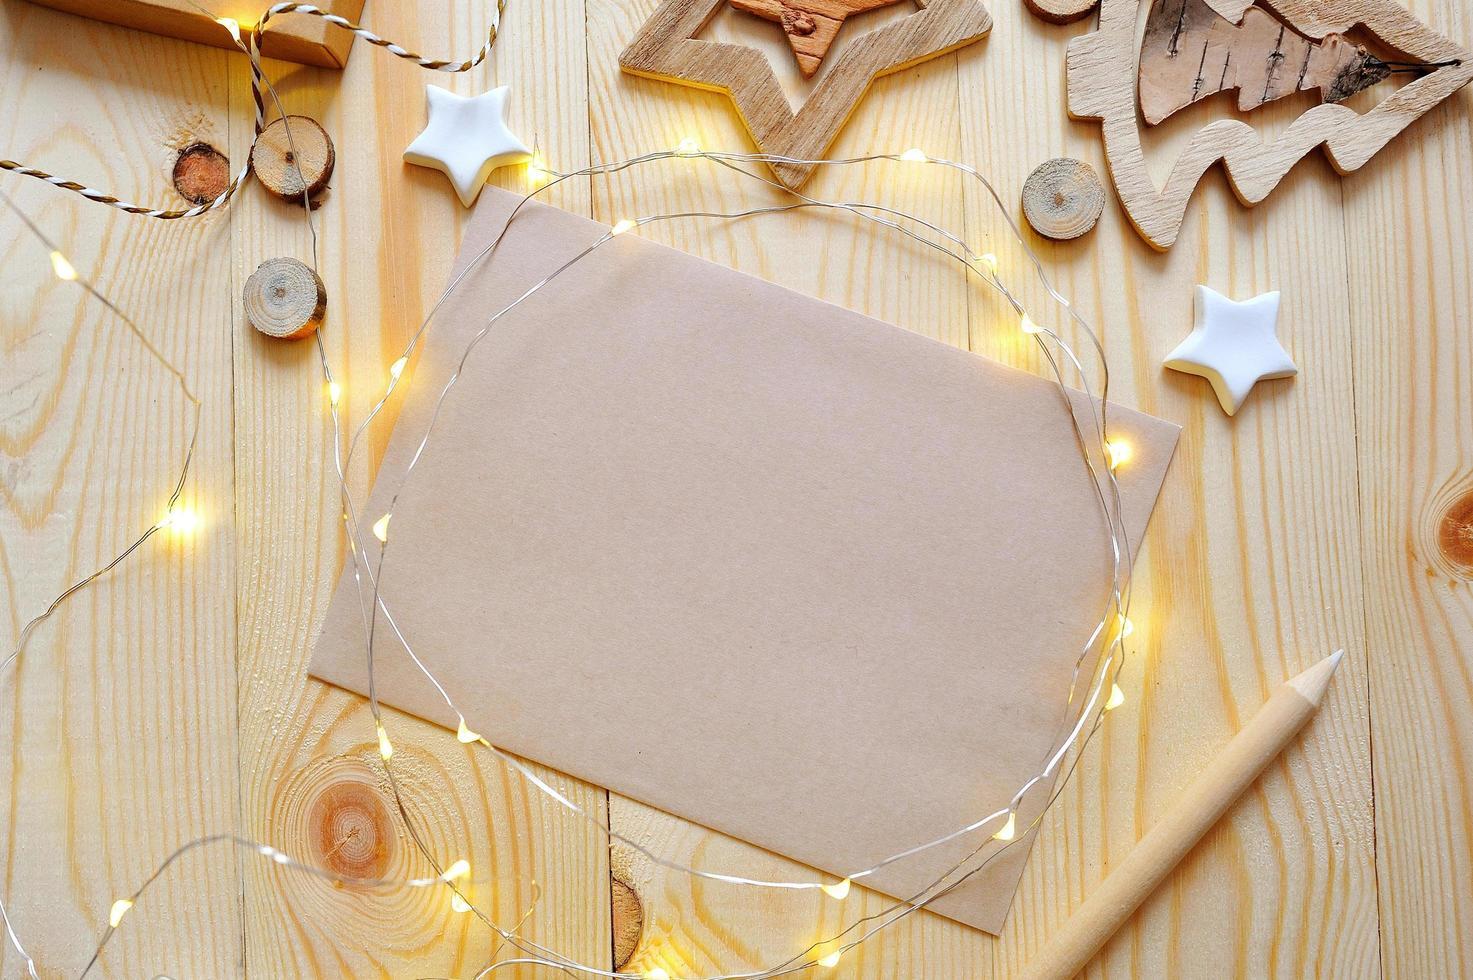 leeres Papier unter Weihnachtslichtern und Dekorationen foto